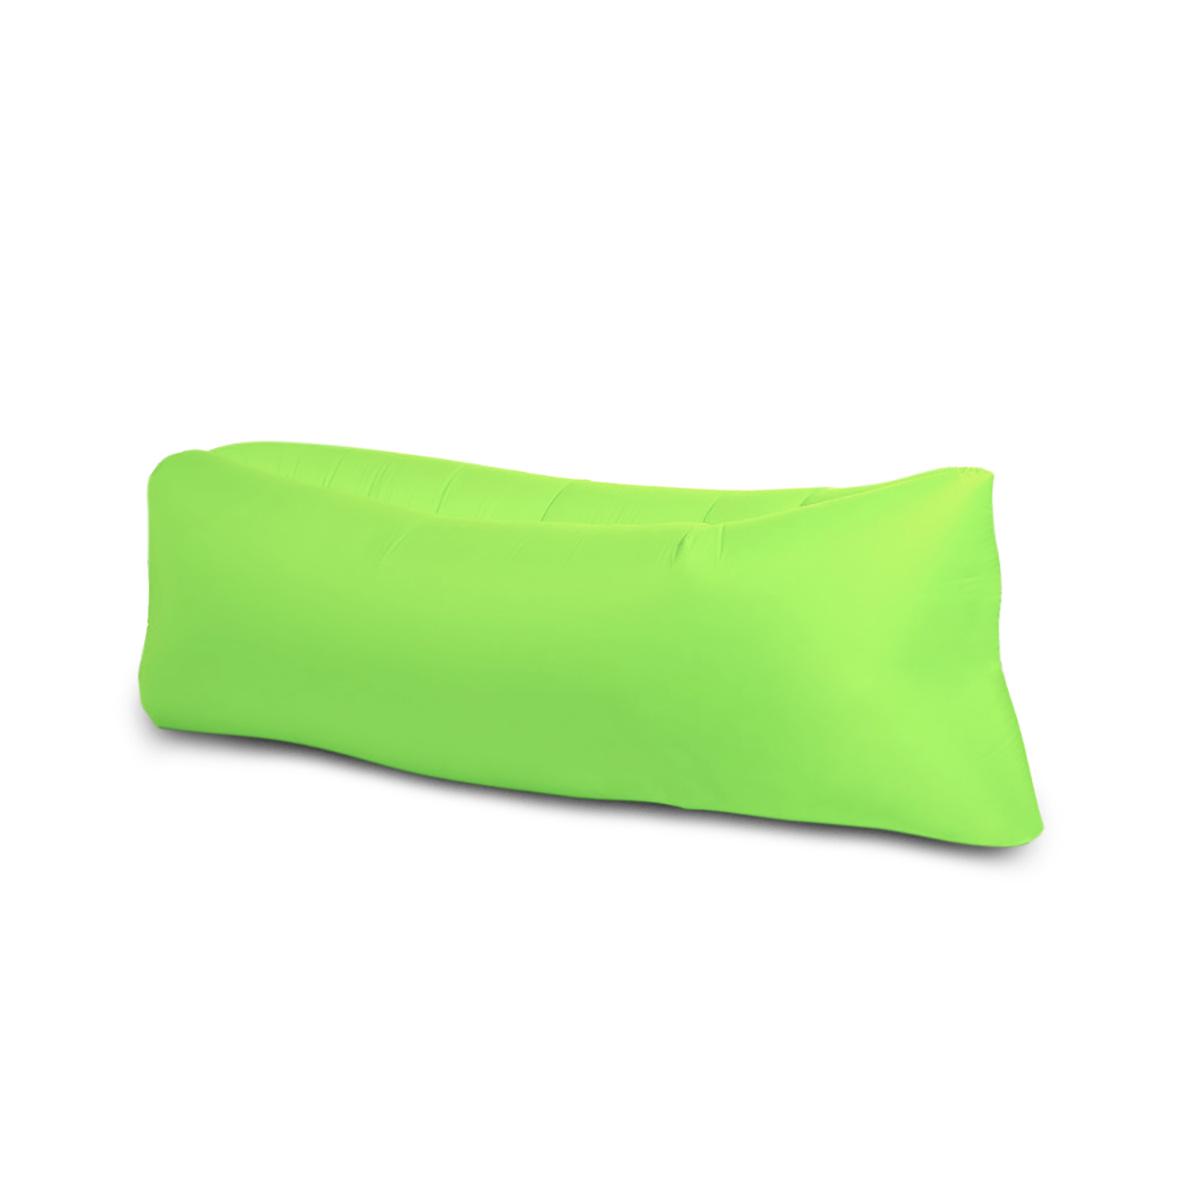 AirBag vzduchový sedací a lehací vak, zelený